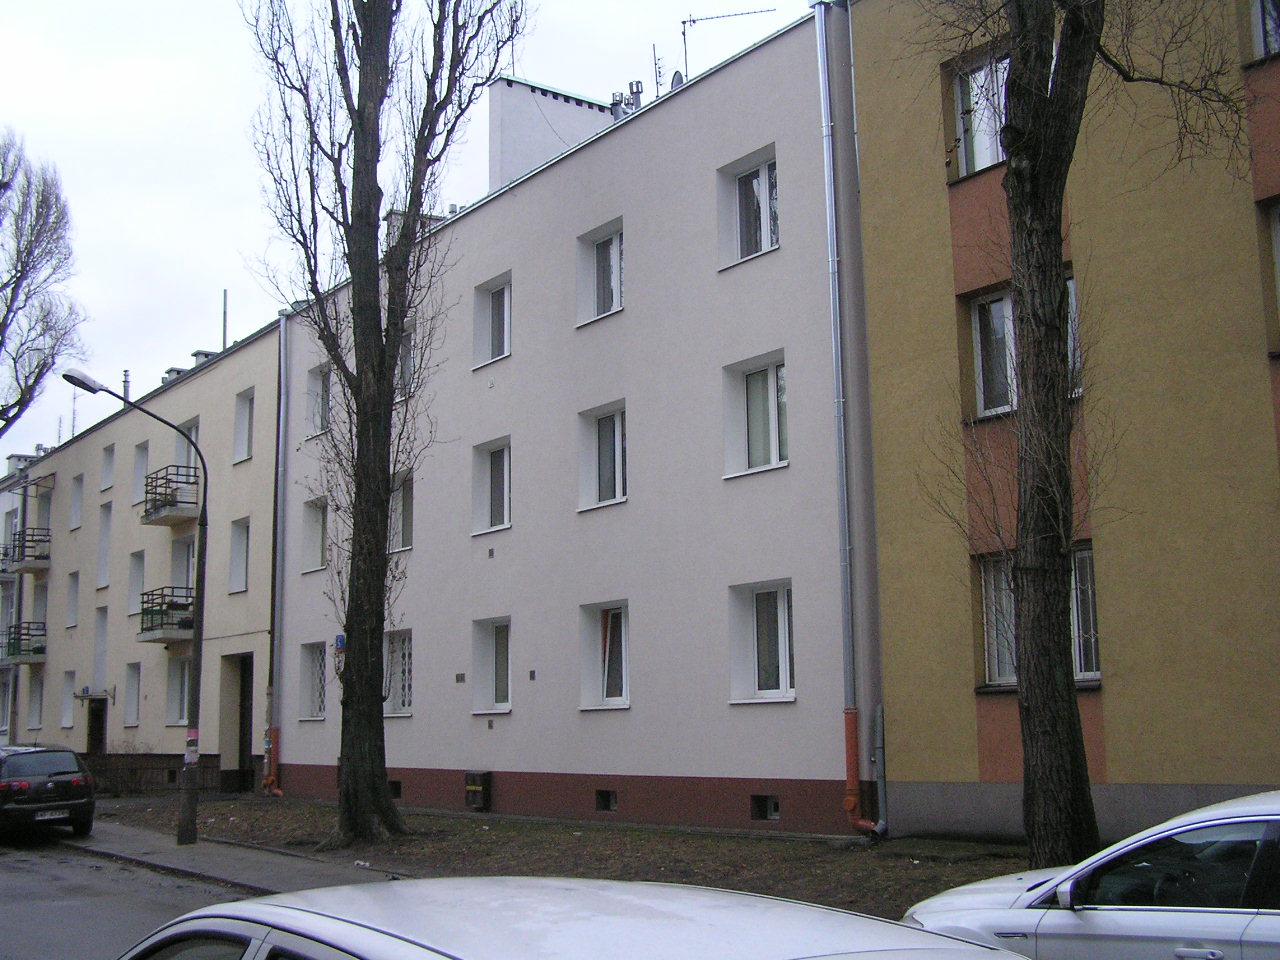 Kamienica przy ulicy Dobrowoja 5 na Grochowie